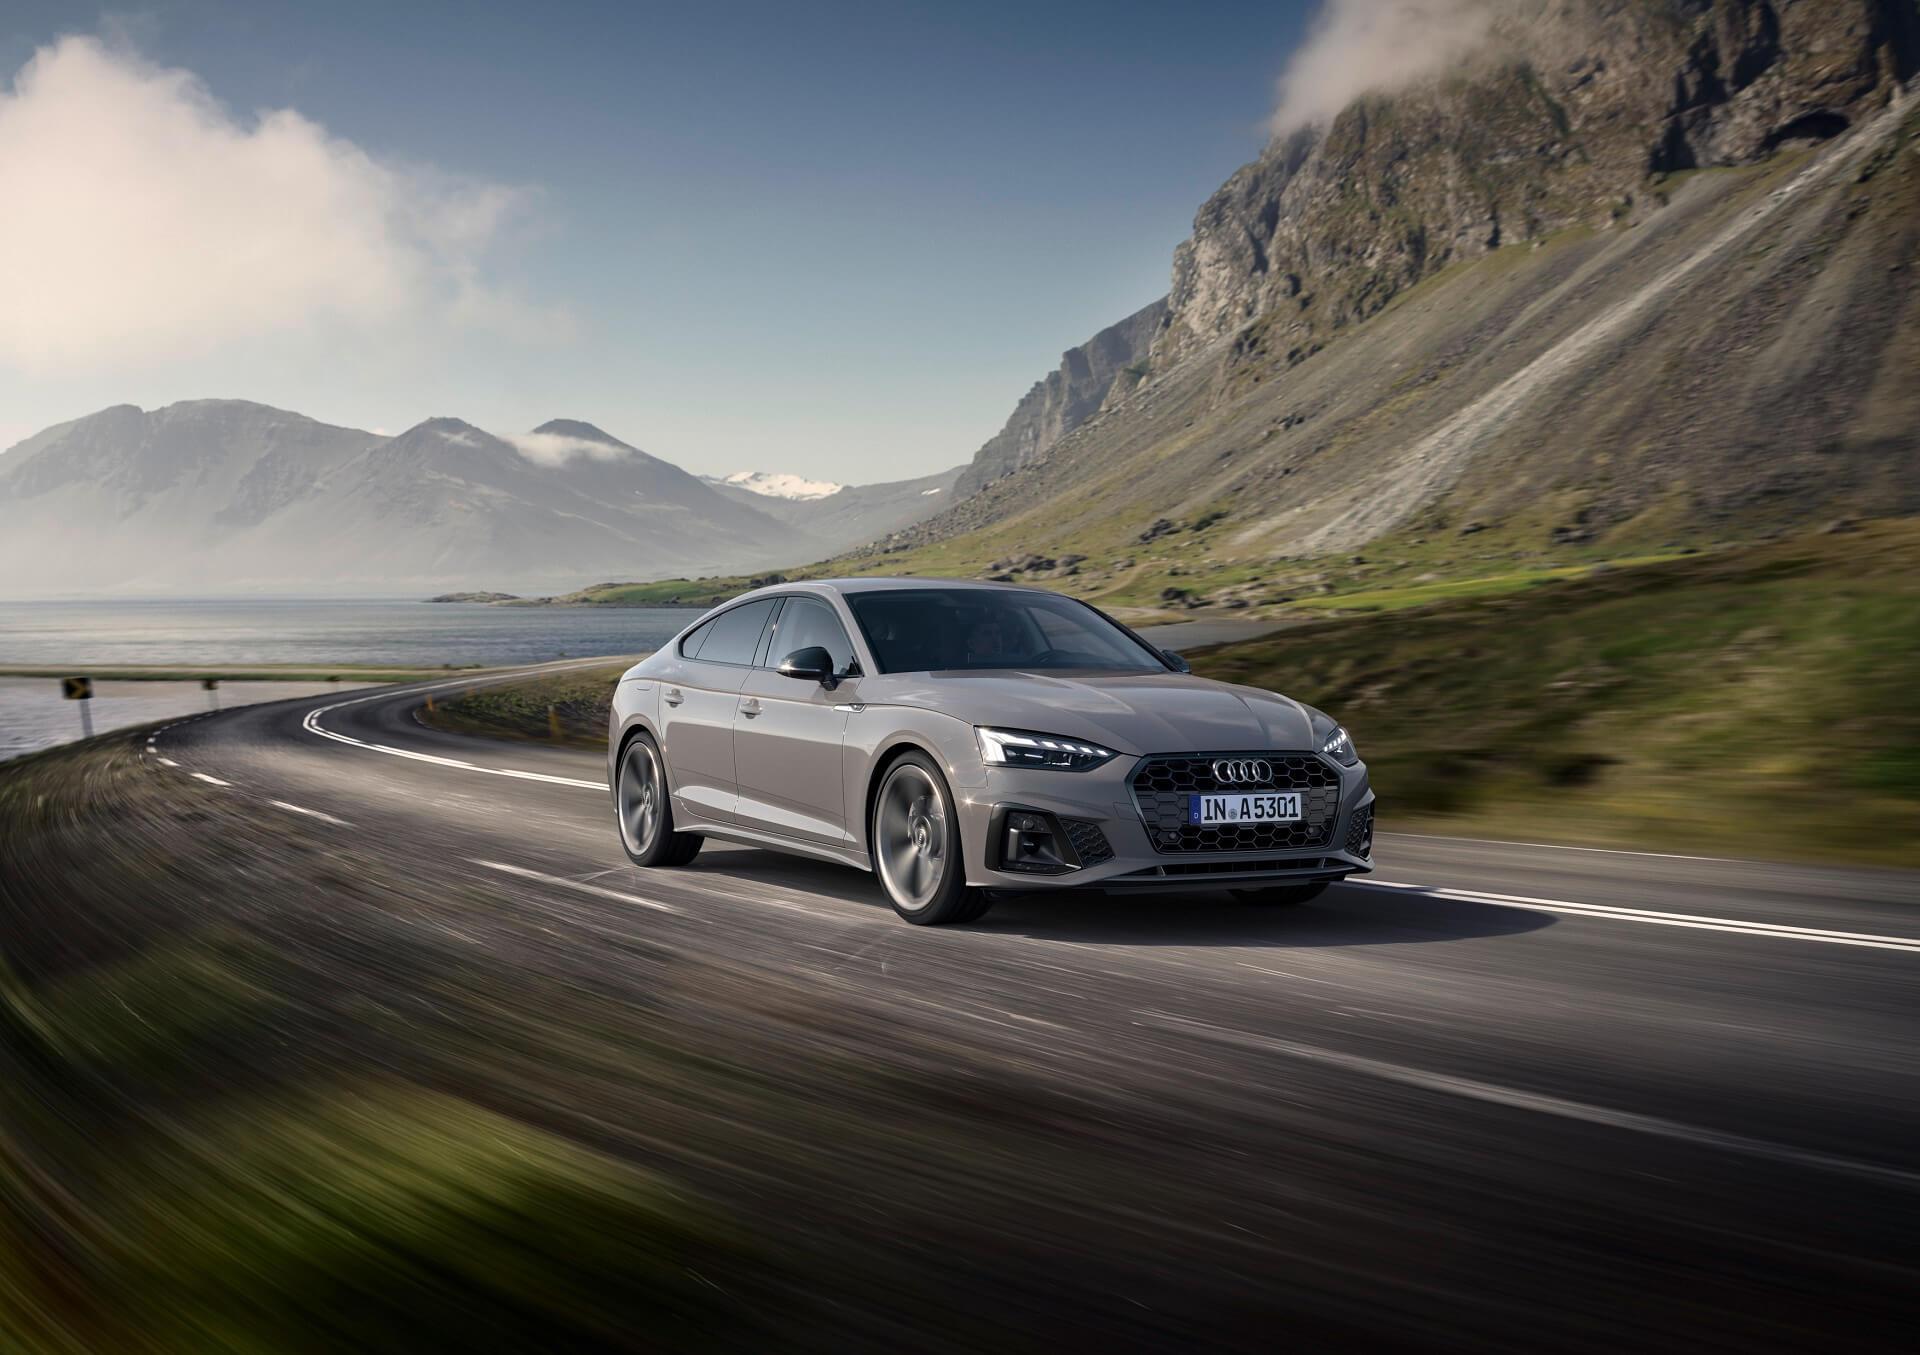 Νέο Audi A5 Sportback